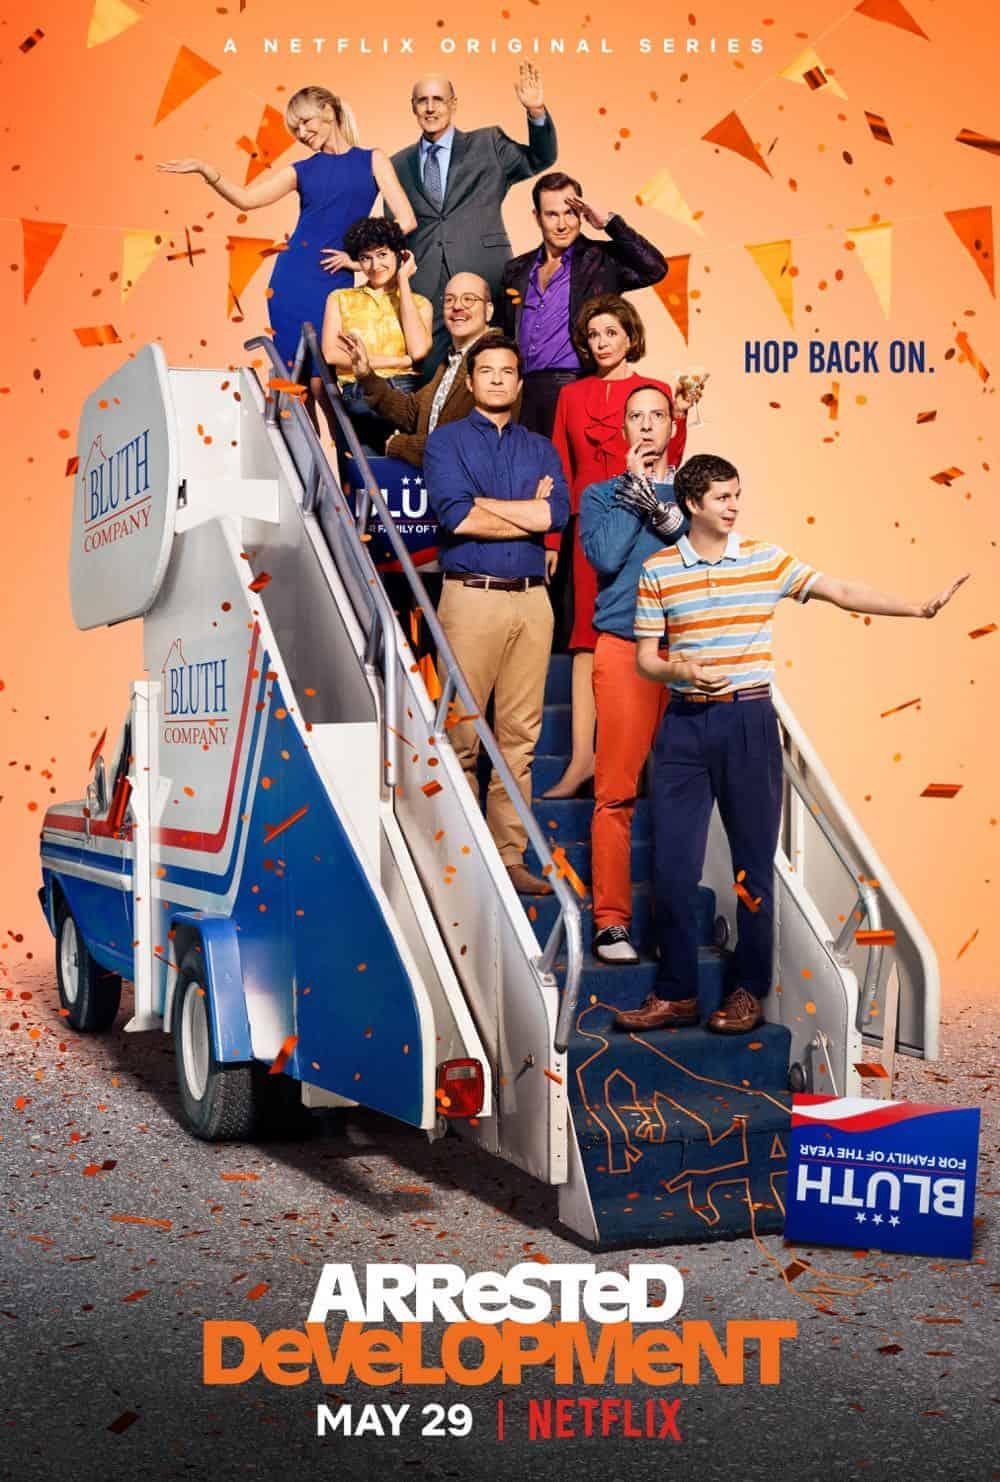 Arrested Development Season 5 Poster Key Art Netflix